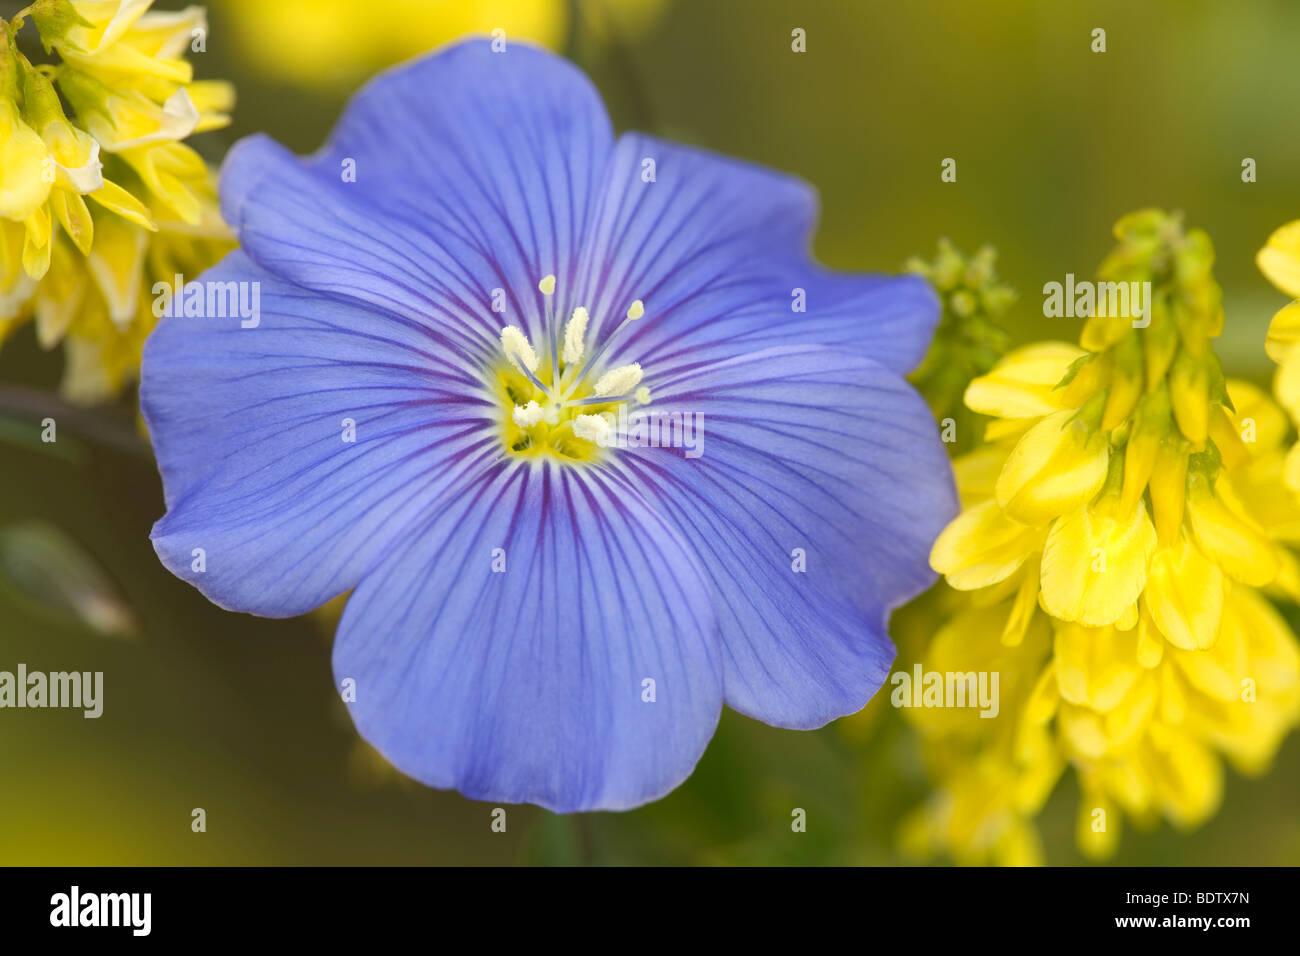 Ausdauernder Lein - (Stauden-Lein) / Blue Flax - (Wild Blue Flax) / Linum perenne - Stock Image